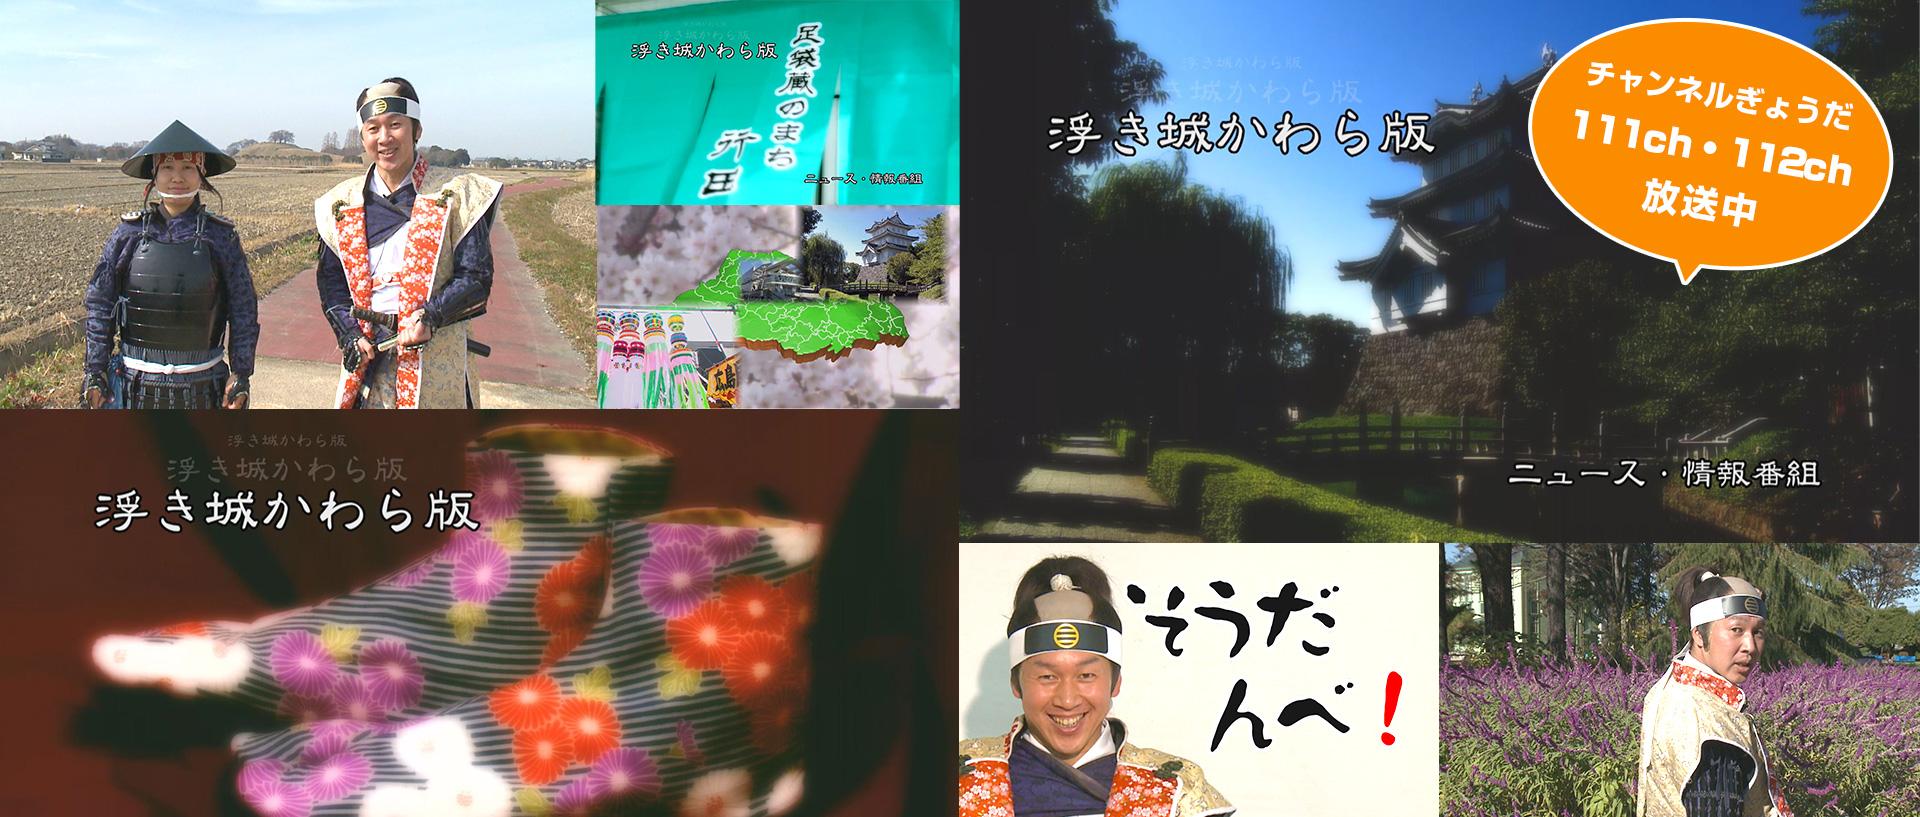 行田ケーブルテレビ チャンネルぎょうだ 111ch・112ch 放送中